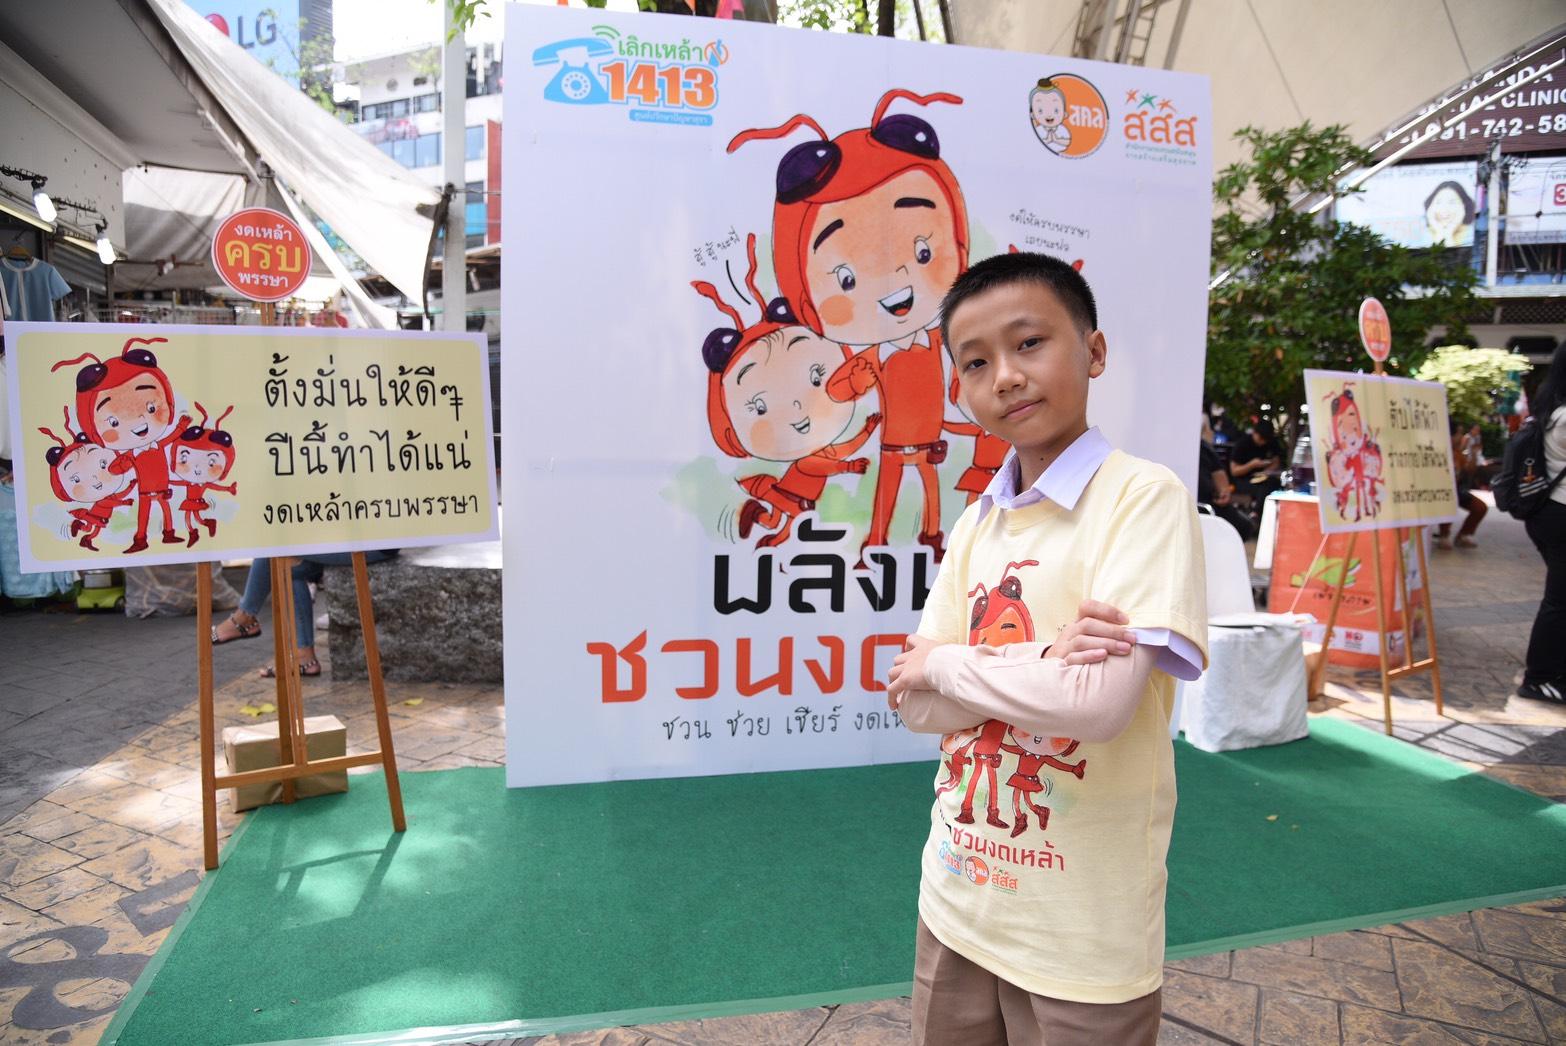 ปลุกพลังมด ชวน ช่วย เชียร์ นักดื่มให้งดเหล้าครบพรรษา thaihealth